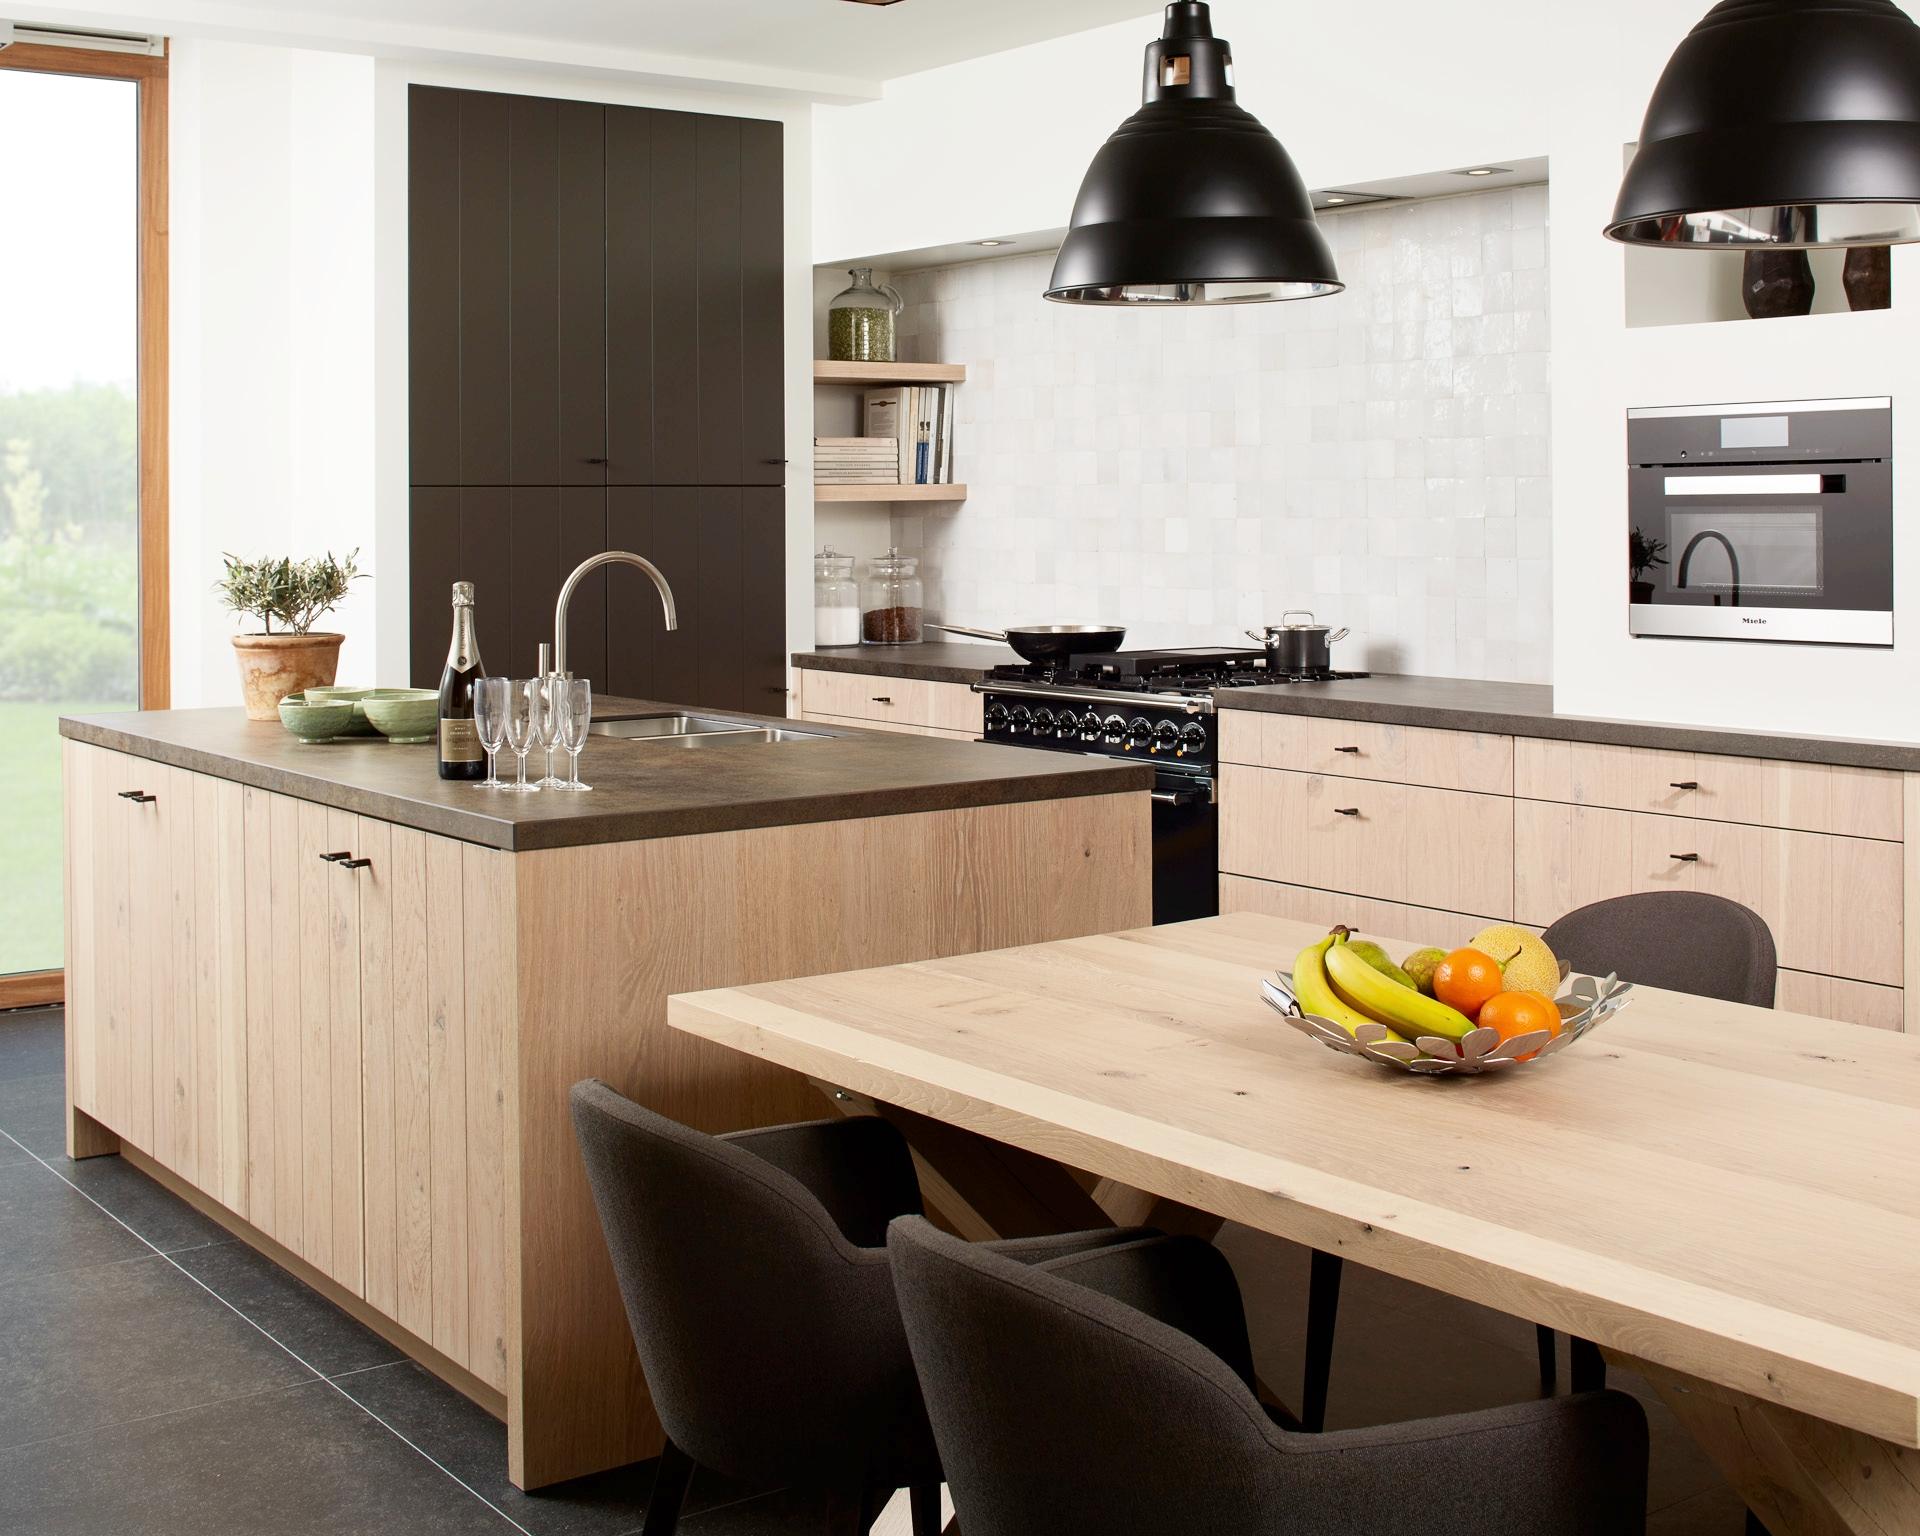 Weelde | Showroom keuken met beperkte decoratie